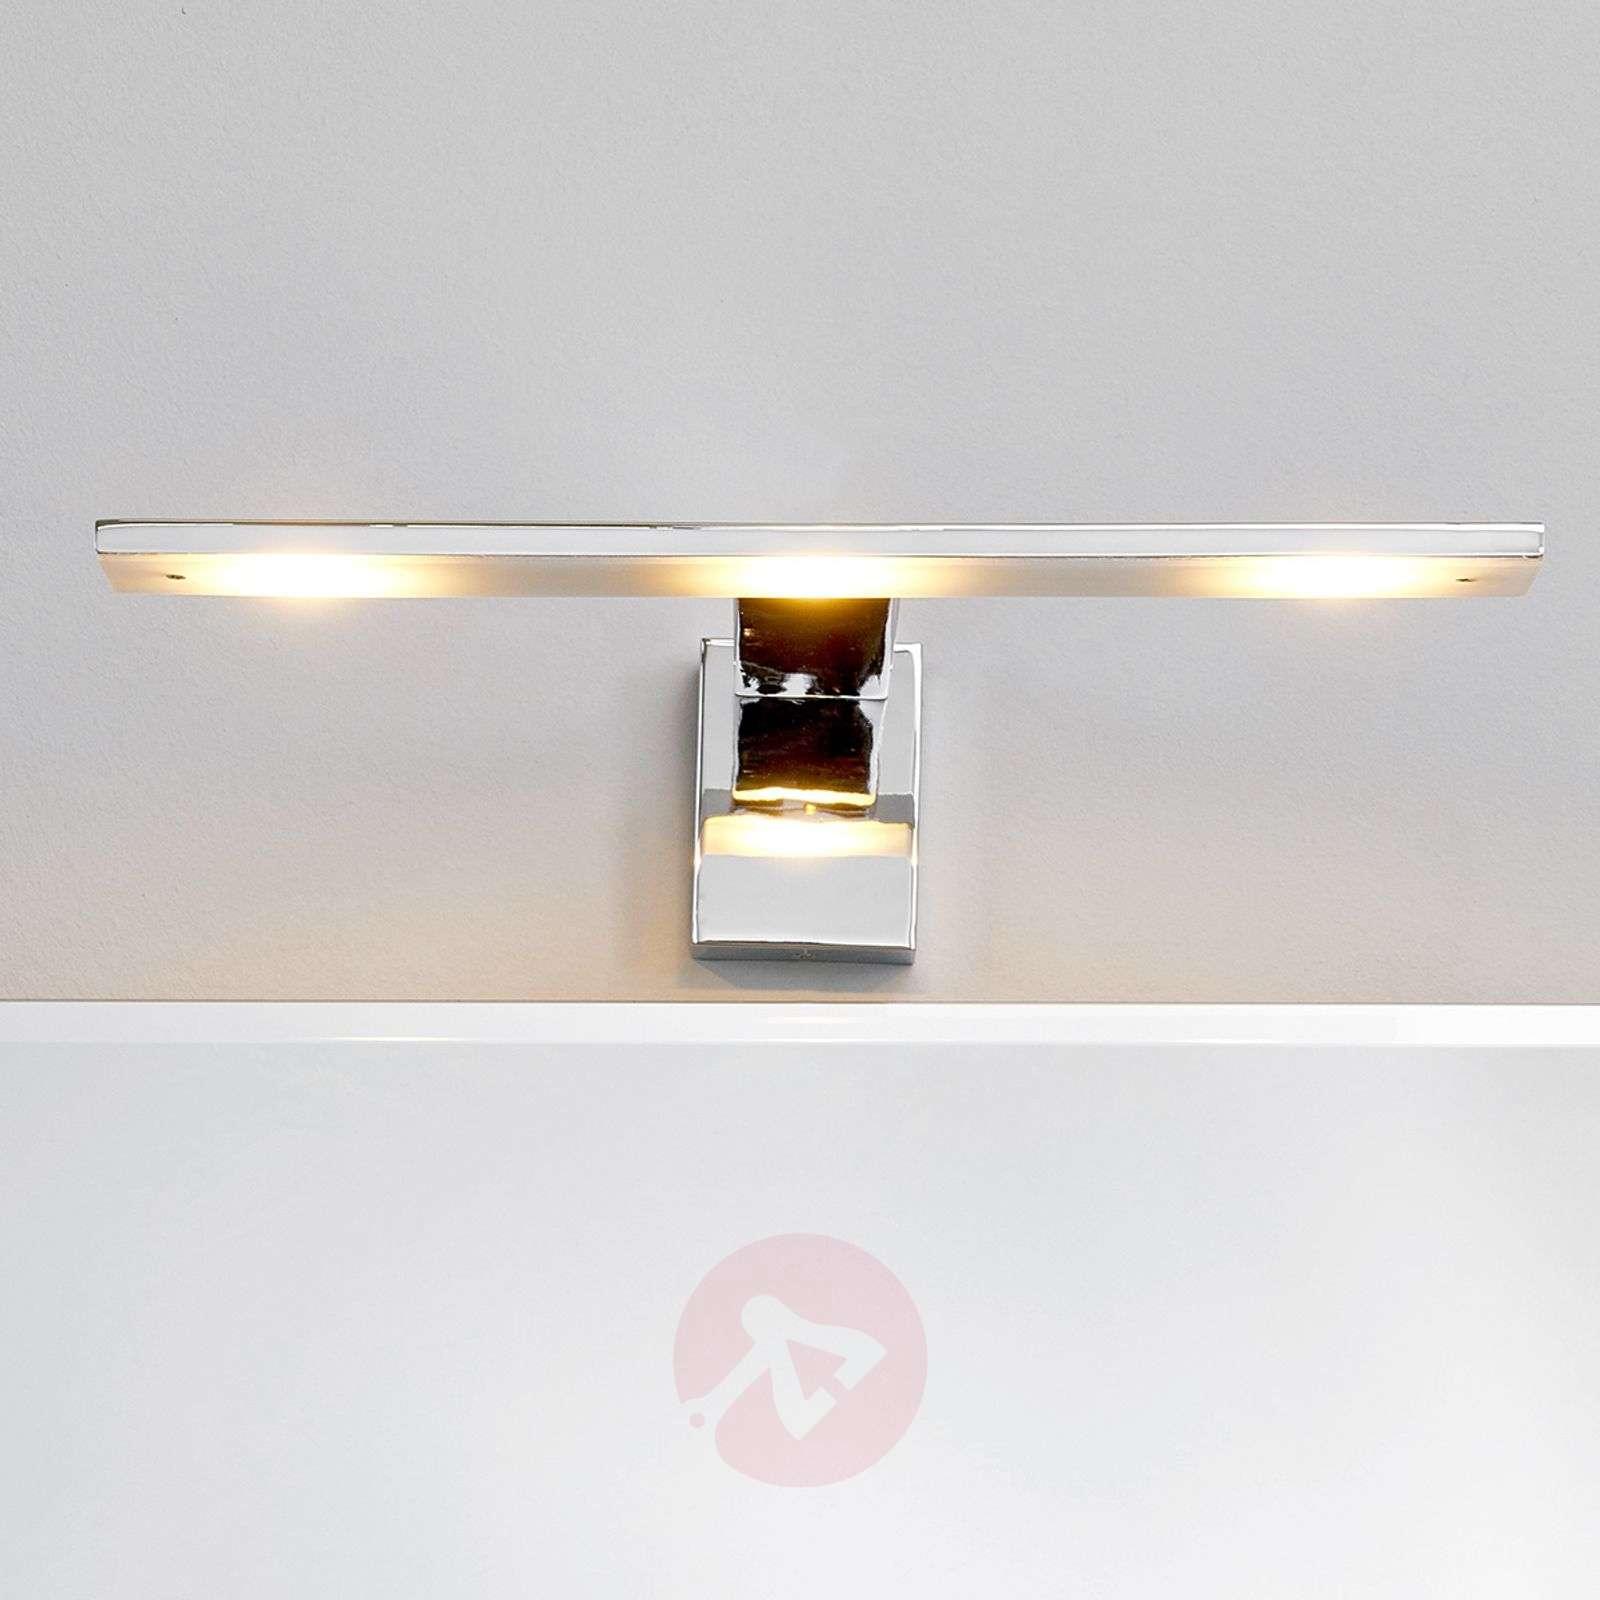 Lorik LED Mirror Light Chic Chrome-9641010-01